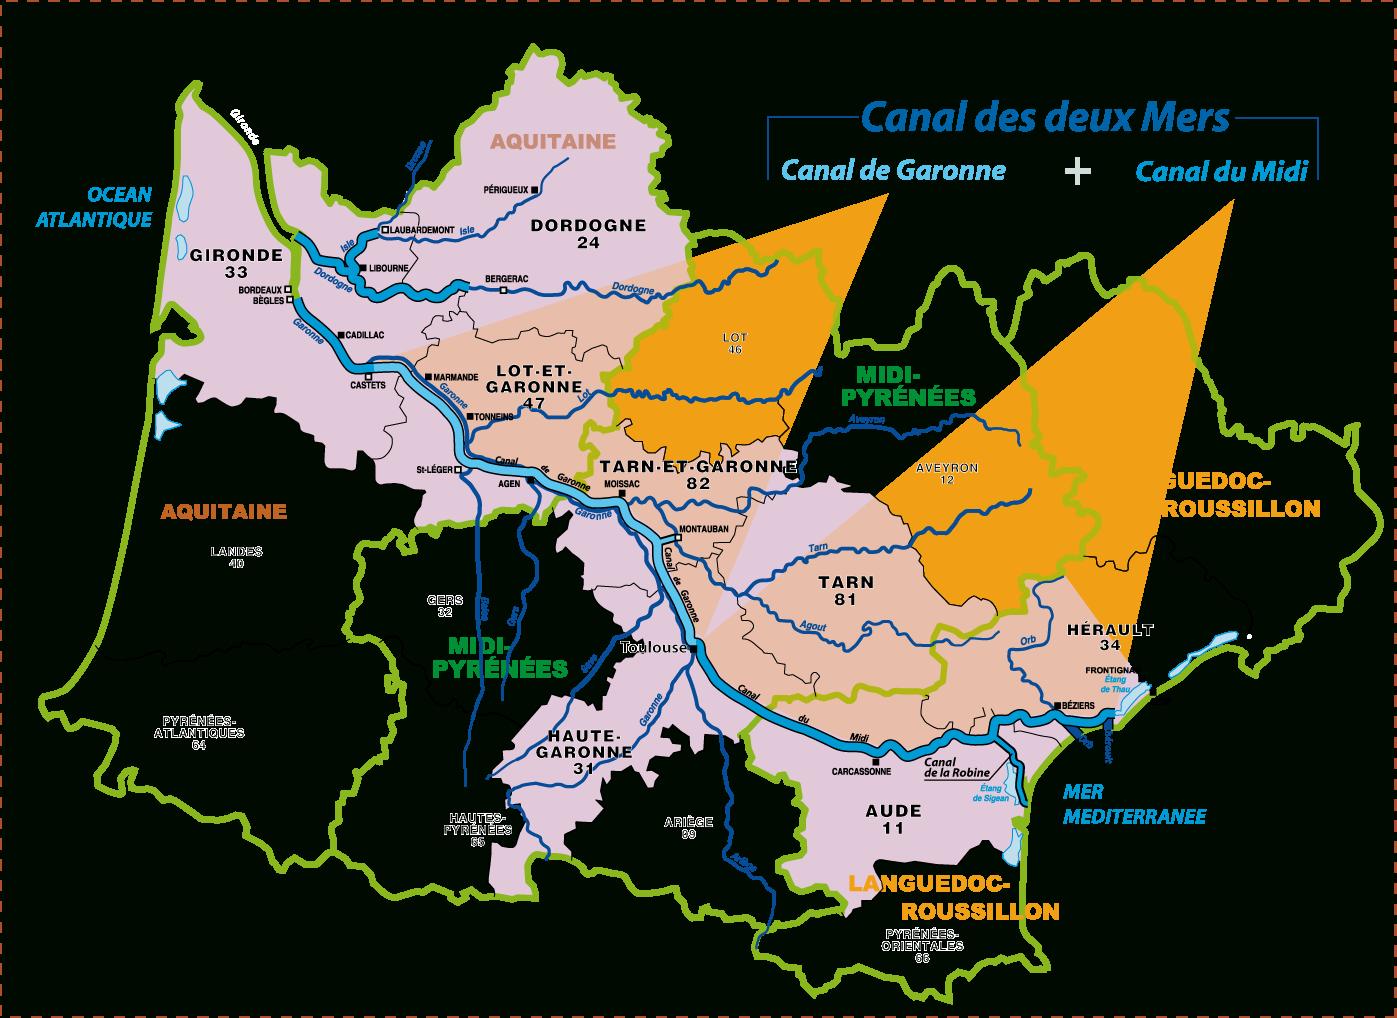 Le Réseau Du Sud-Ouest - Internet De La Direction pour Carte Des Fleuves En France